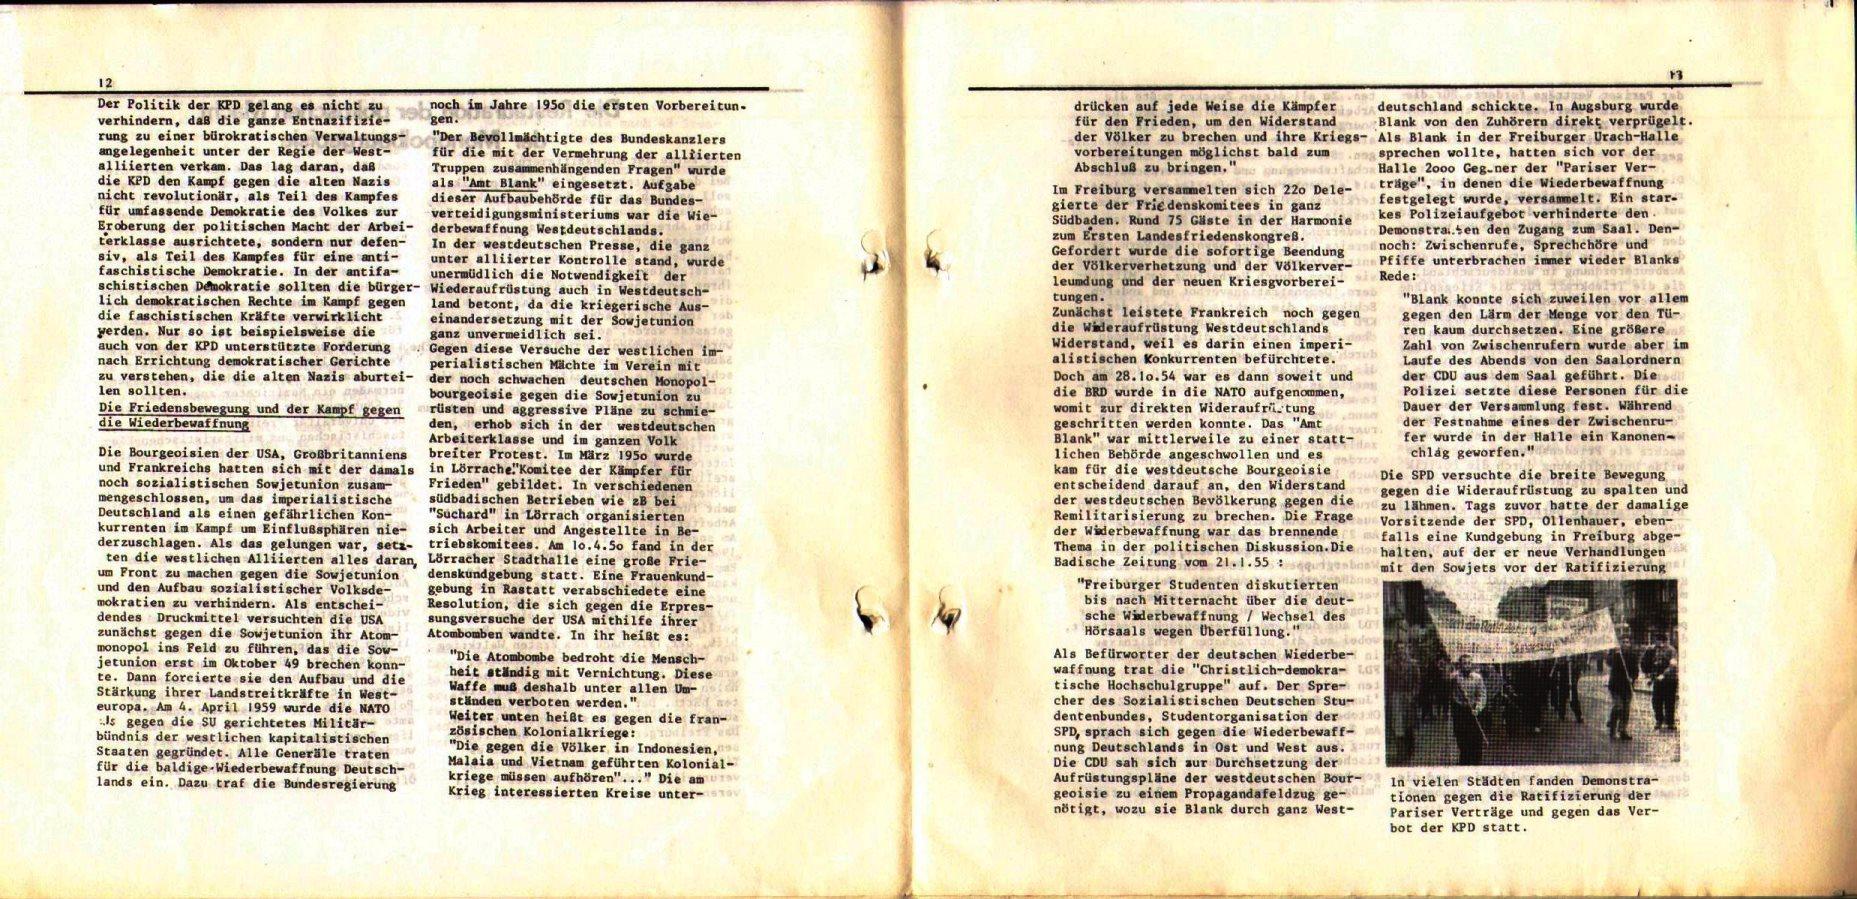 Freiburg_KBW_1975_Gemeinderatswahlen025